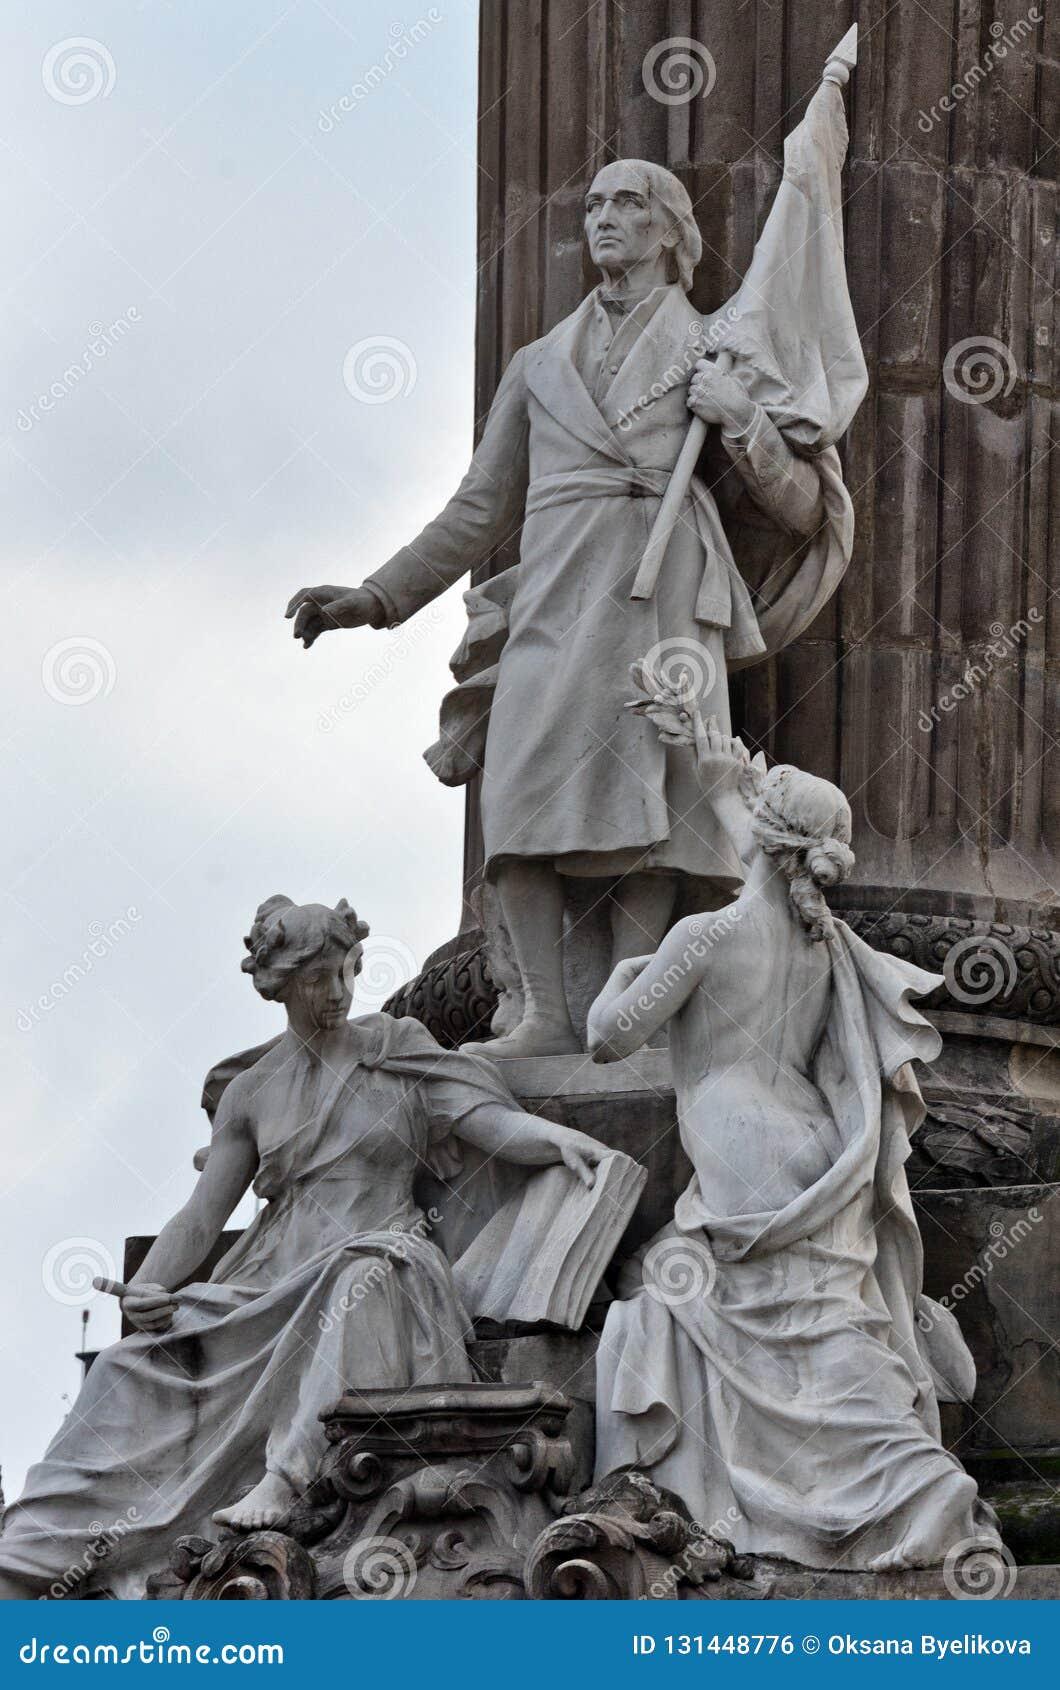 Gruppo di statue di marmo di alcuni degli eroi della guerra di Indipendenza